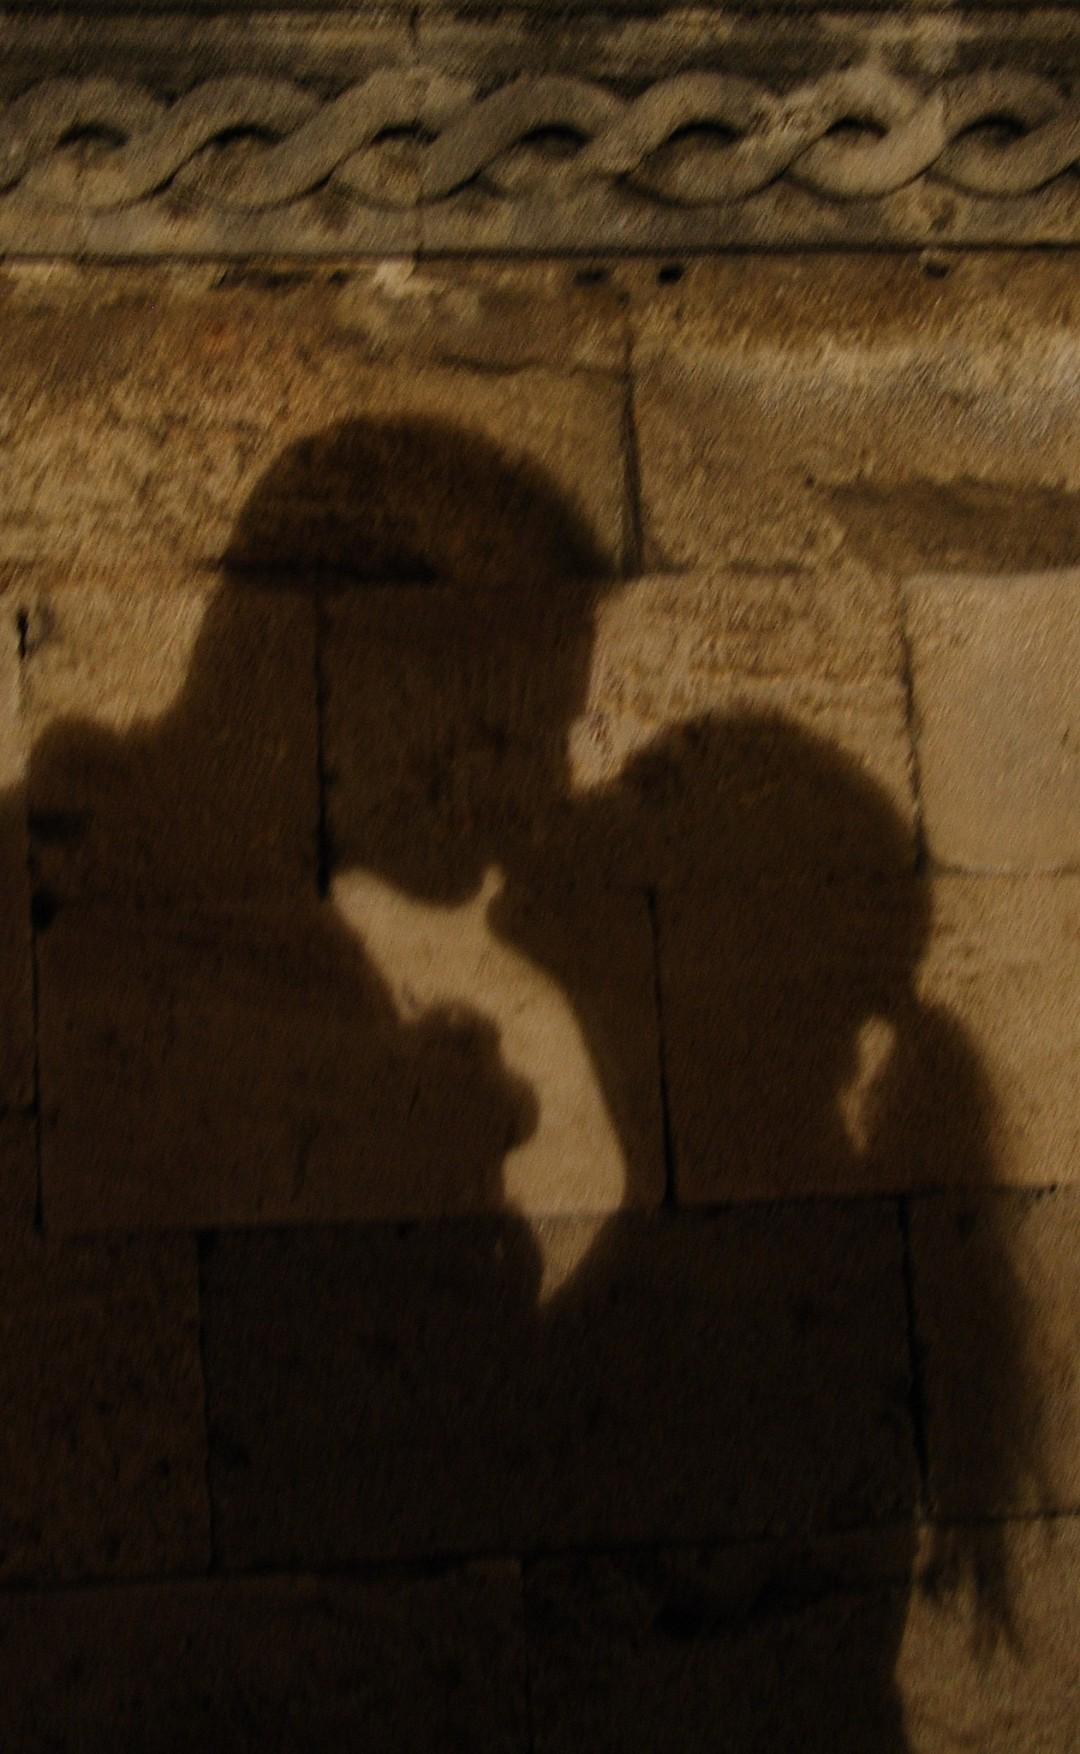 vampyyri dating sites